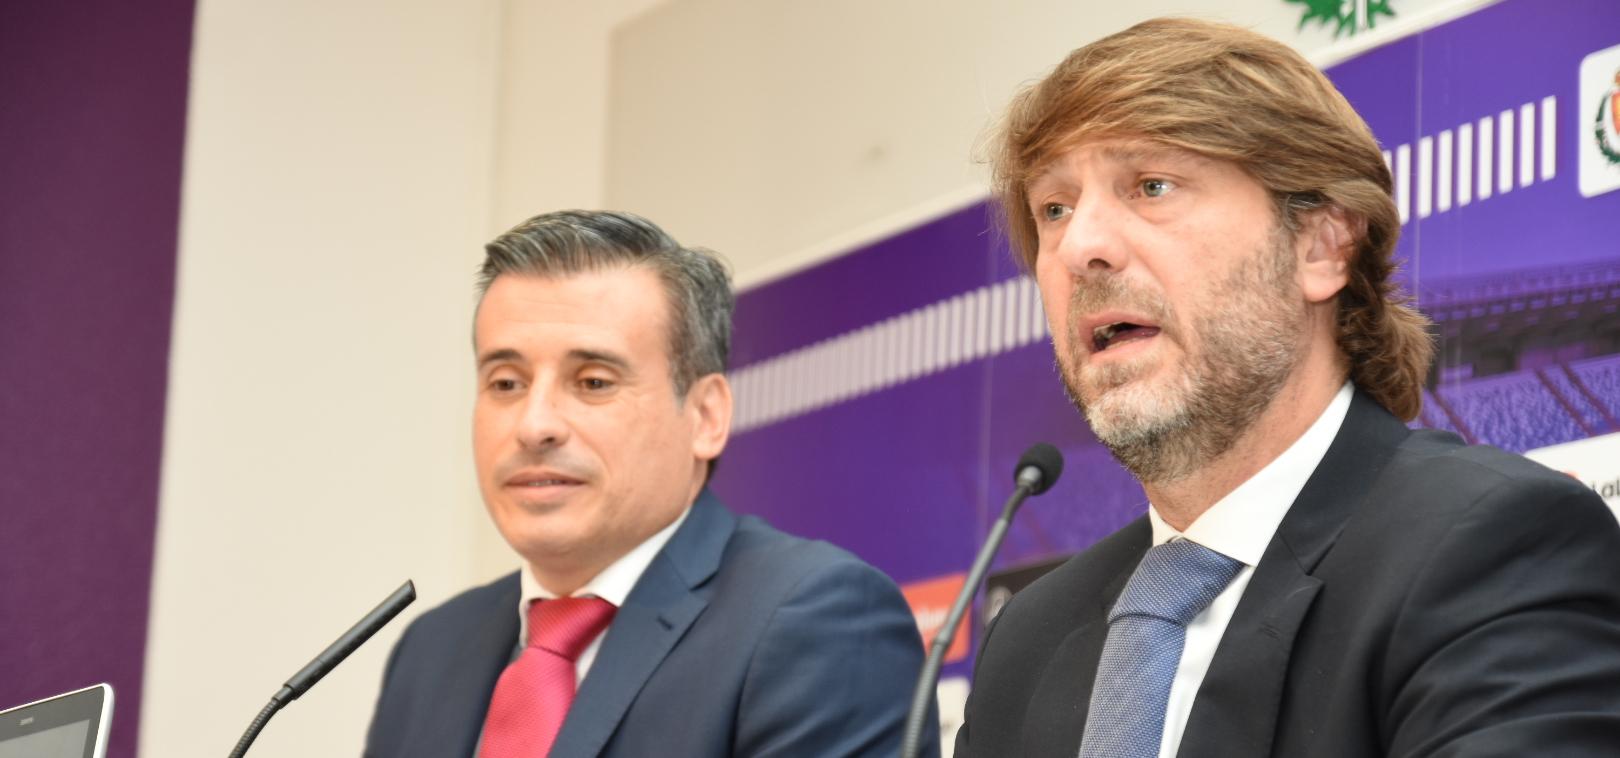 Carlos Suárez y Miguel Ángel Gómez, en la presentación de éste | <em><strong>Foto: Andrés Domingo - ElDesmarque Valladolid</strong></em>